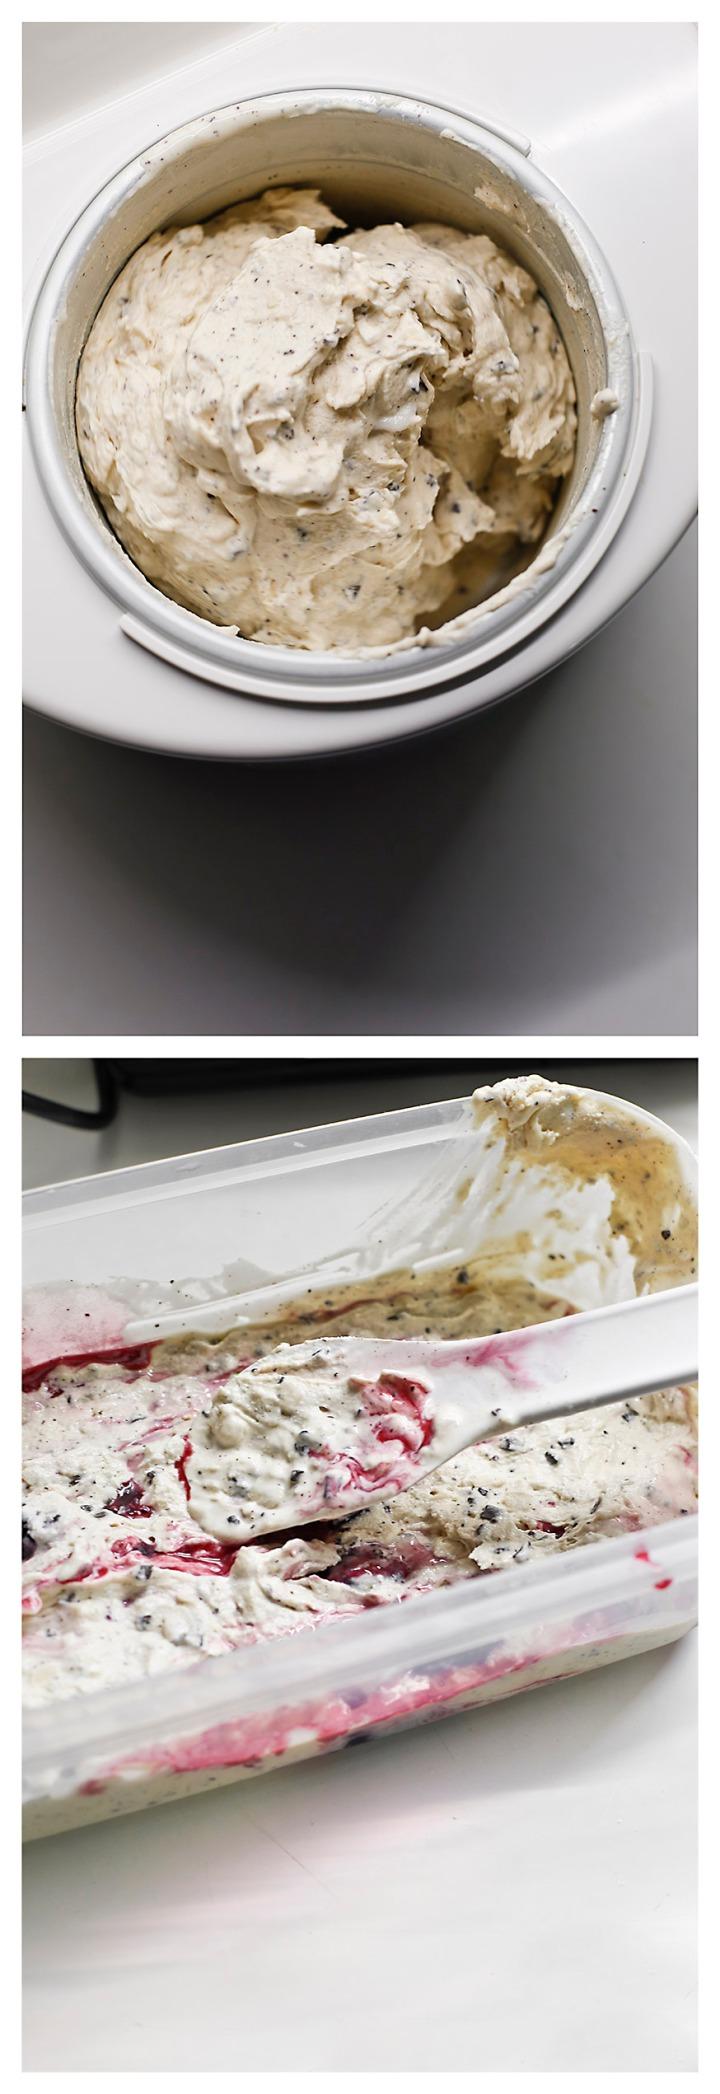 elaboración de helado 2